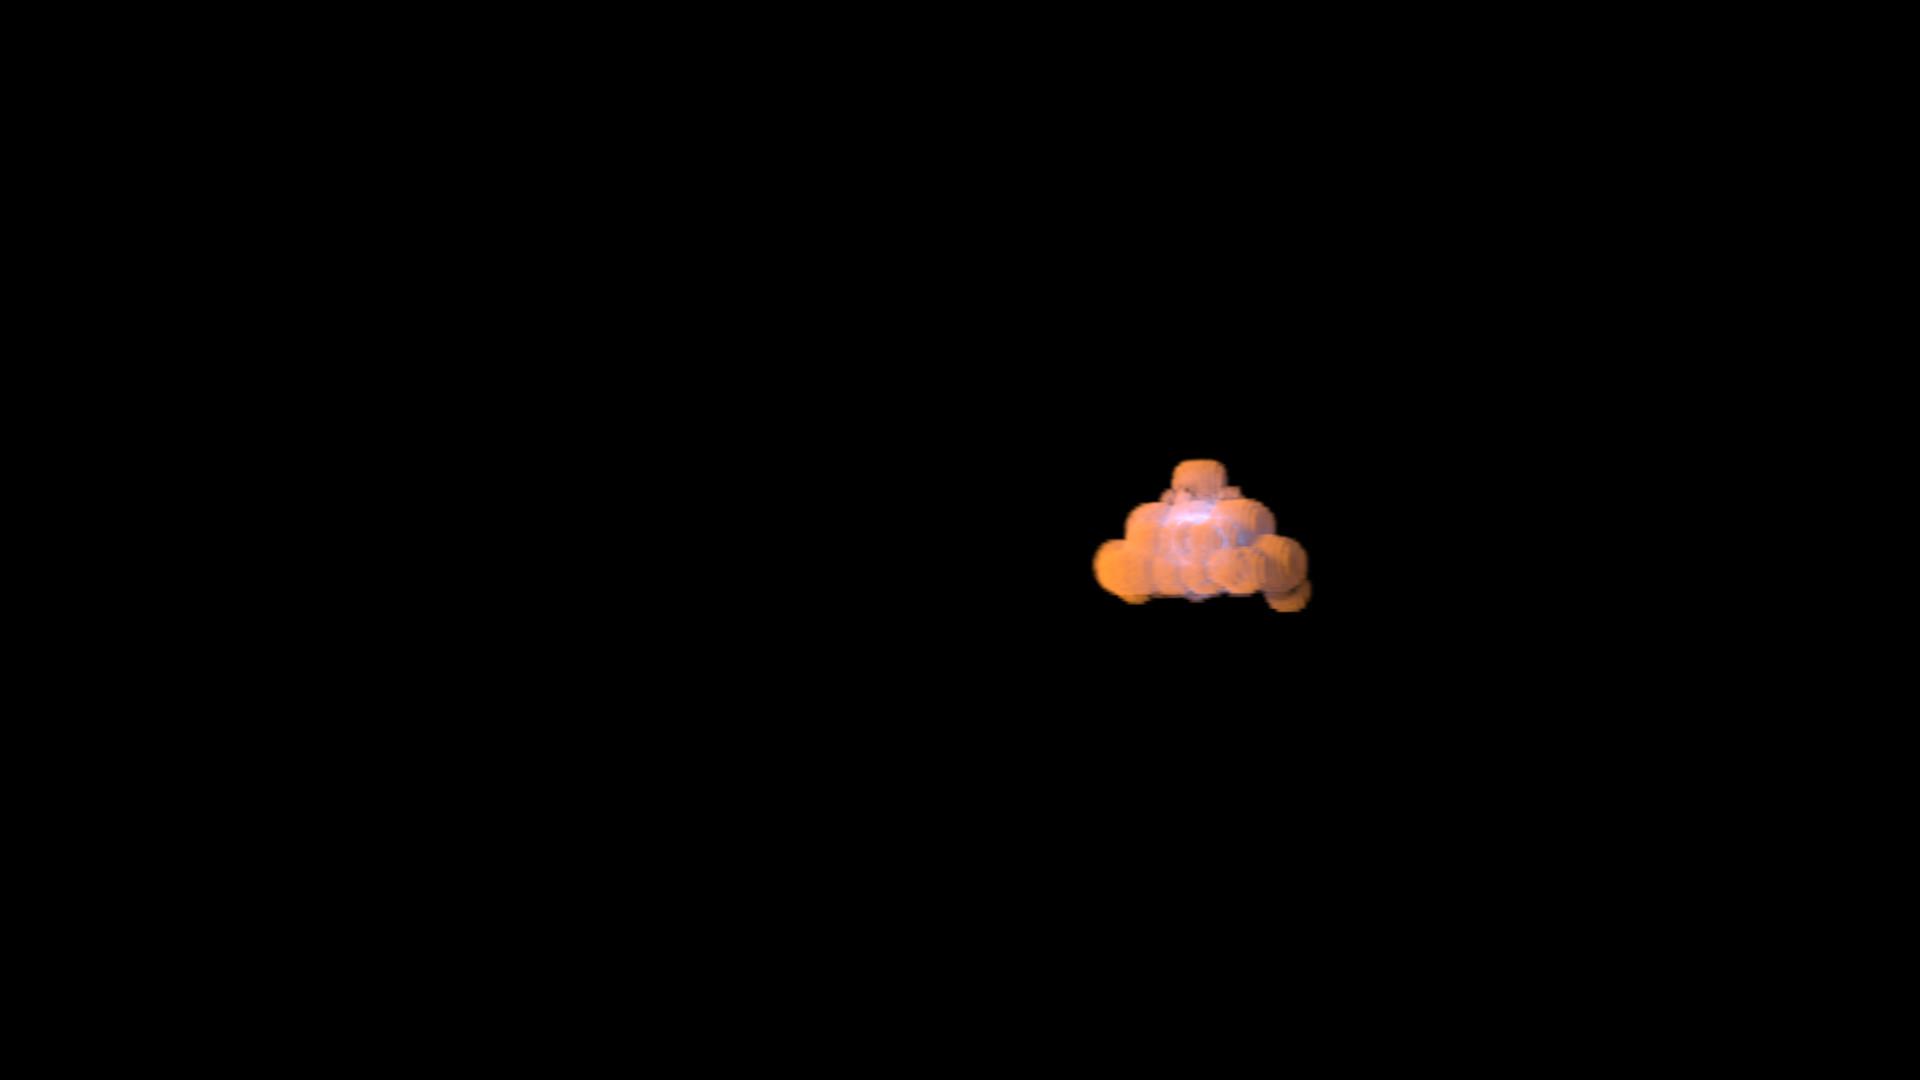 Pietro bernardi cloud 00000